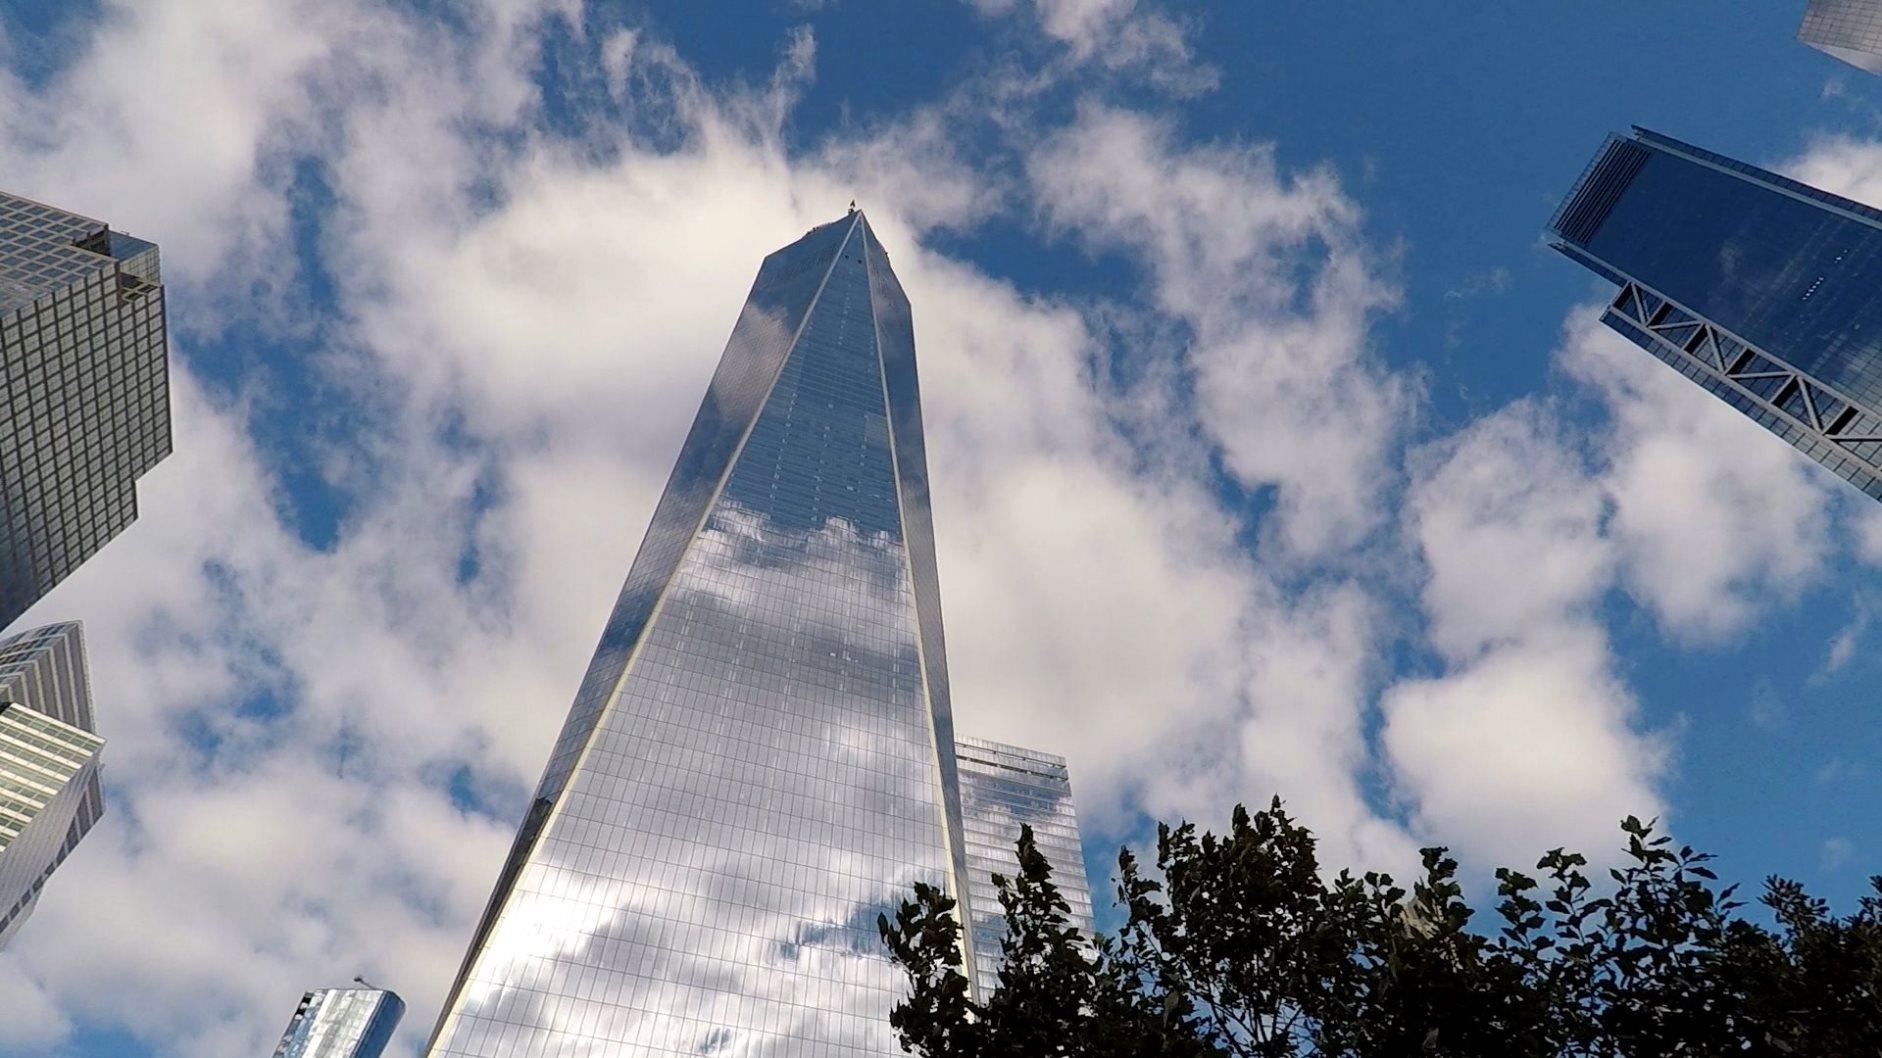 Das One World Trade Center, abgekürzt 1 WTC, ist ein Super-Wolkenkratzer in New York City und das höchste Gebäude der Stadt.